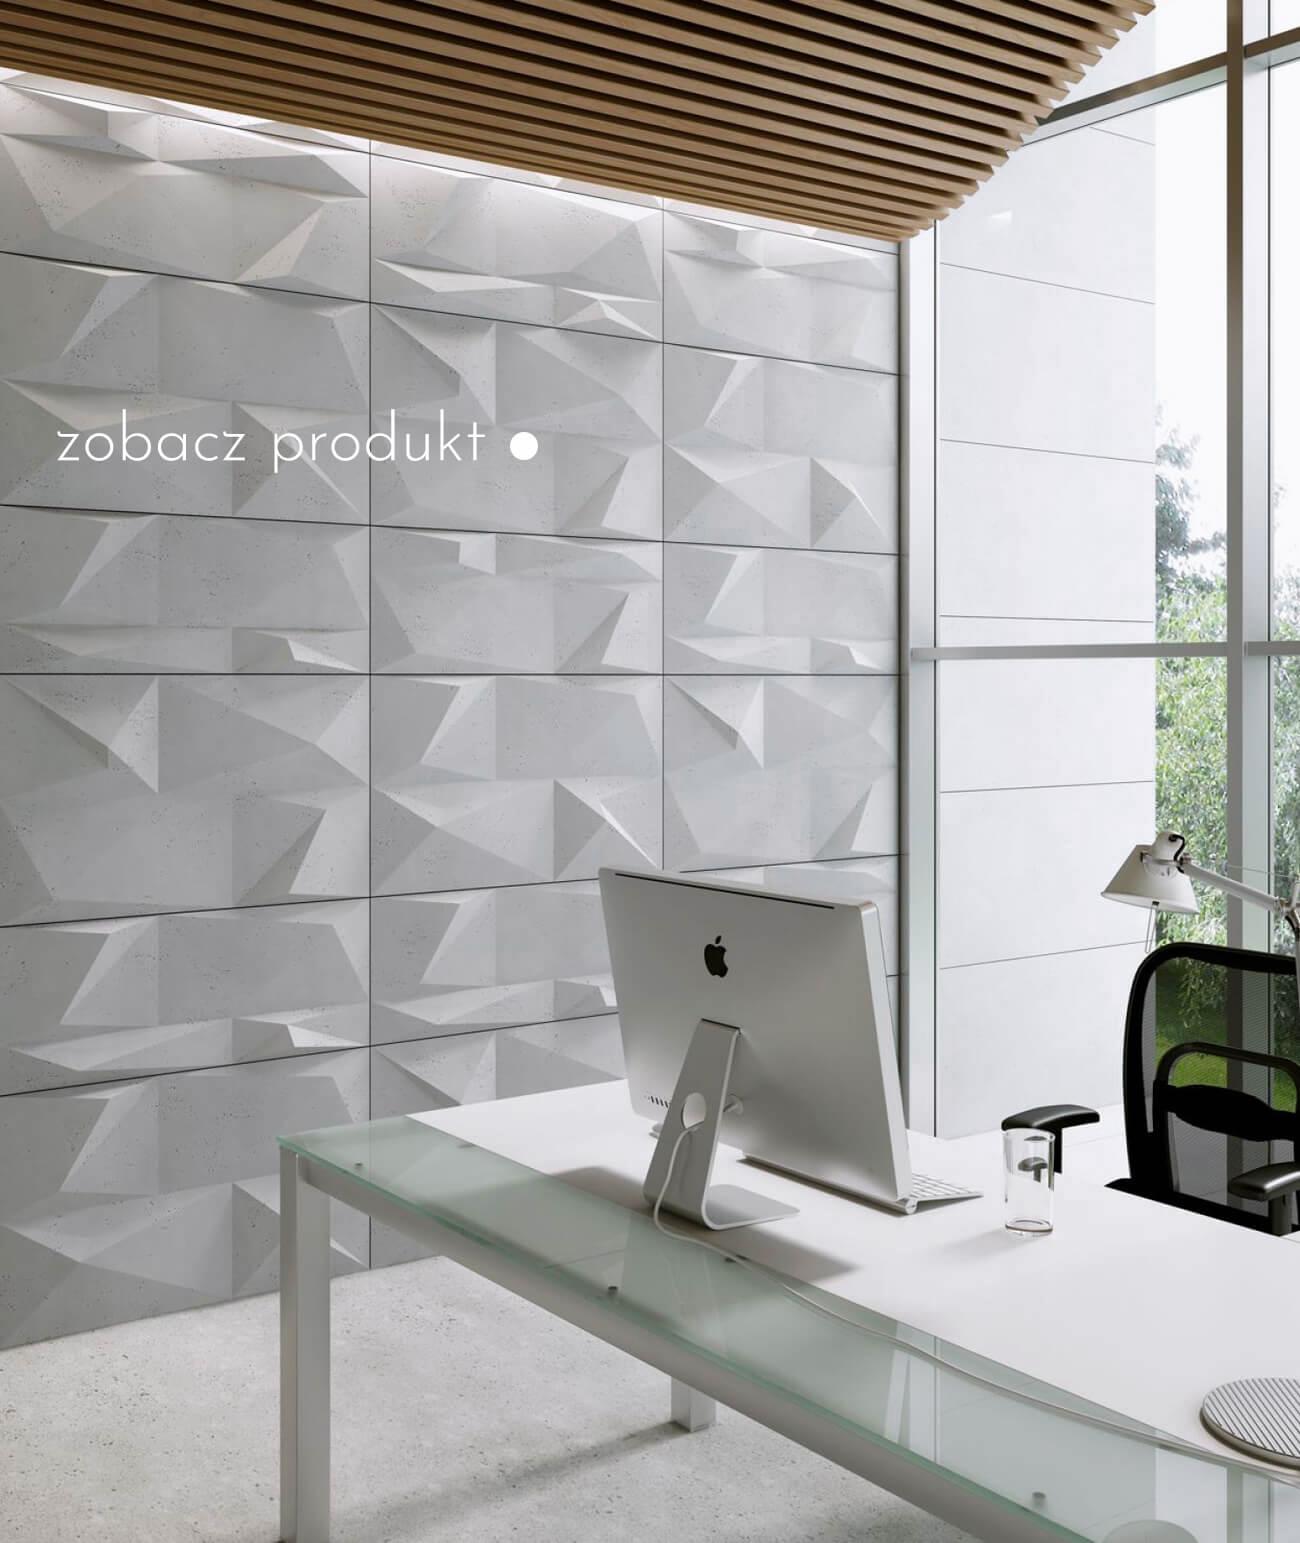 panele-betonowe-3d-scienne-i-elewacyjne-beton-architektoniczny_342-1907-pb07-b1-siwo-bialy-krysztal---panel-dekor-3d-beton-architektoniczny-panel-scienny